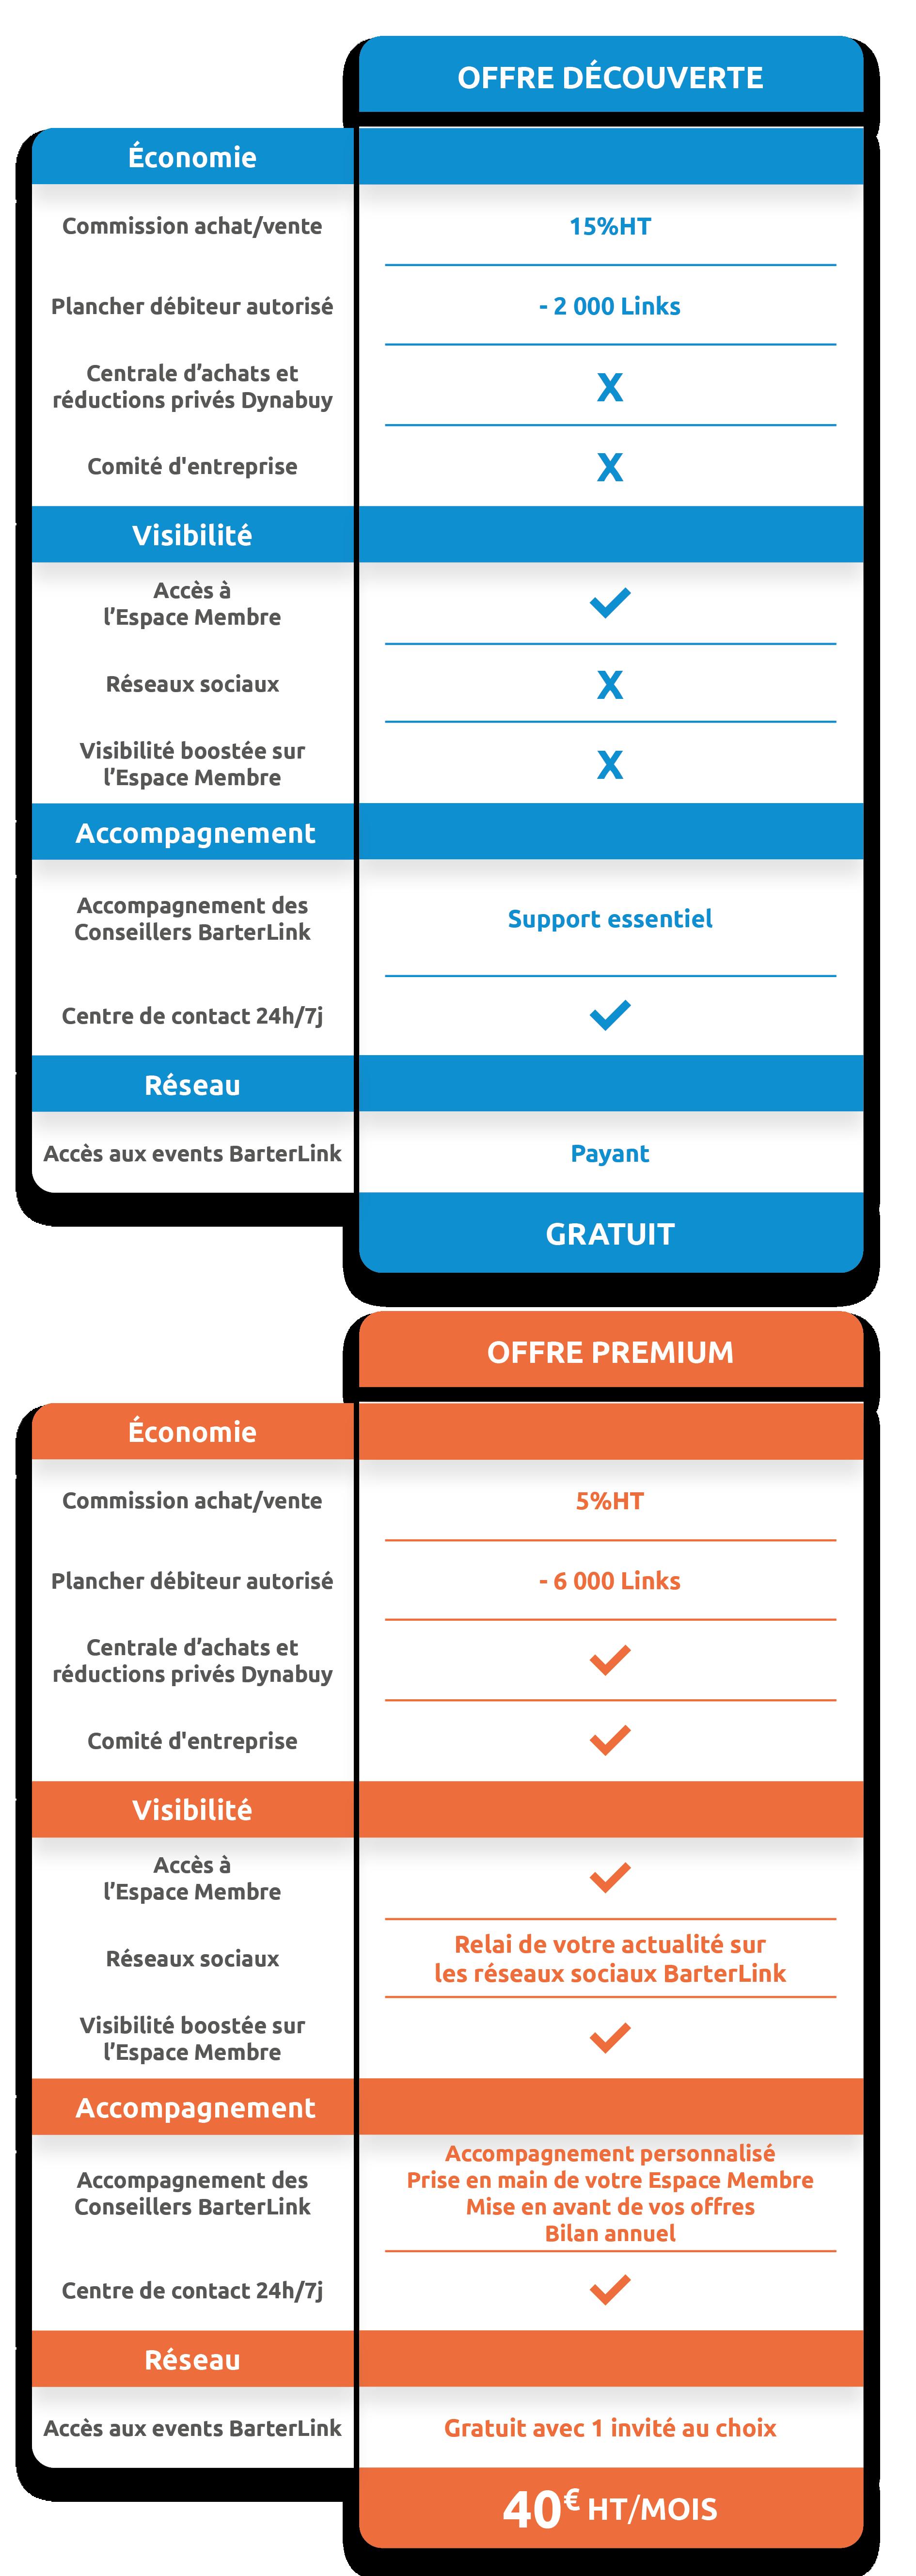 https://barterlink.fr/wp-content/uploads/2021/03/Pricing-mobile-2.png